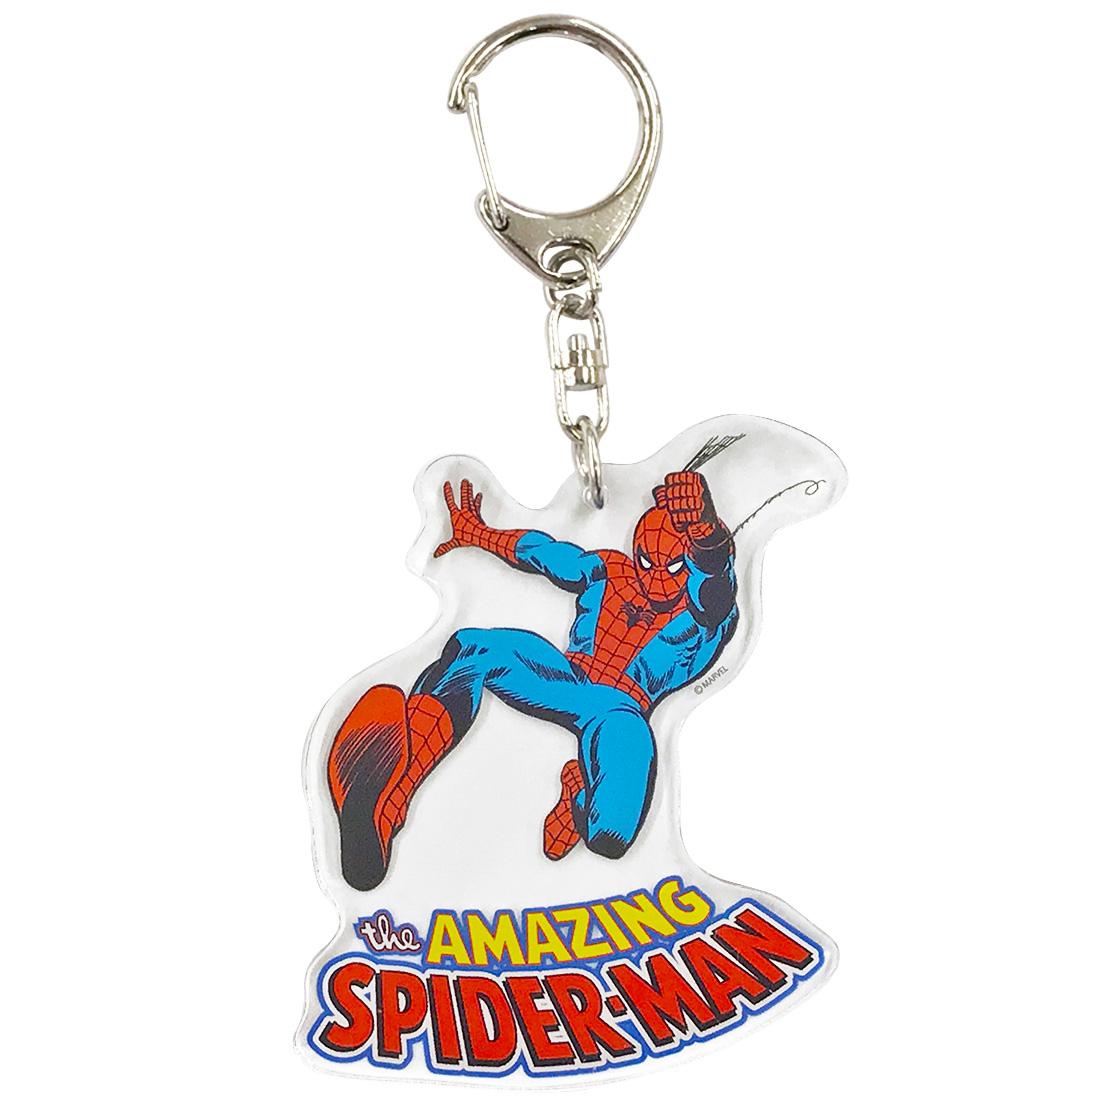 【入荷済】アクリルキーホルダー 《マーベルコミック スパイダーマン》